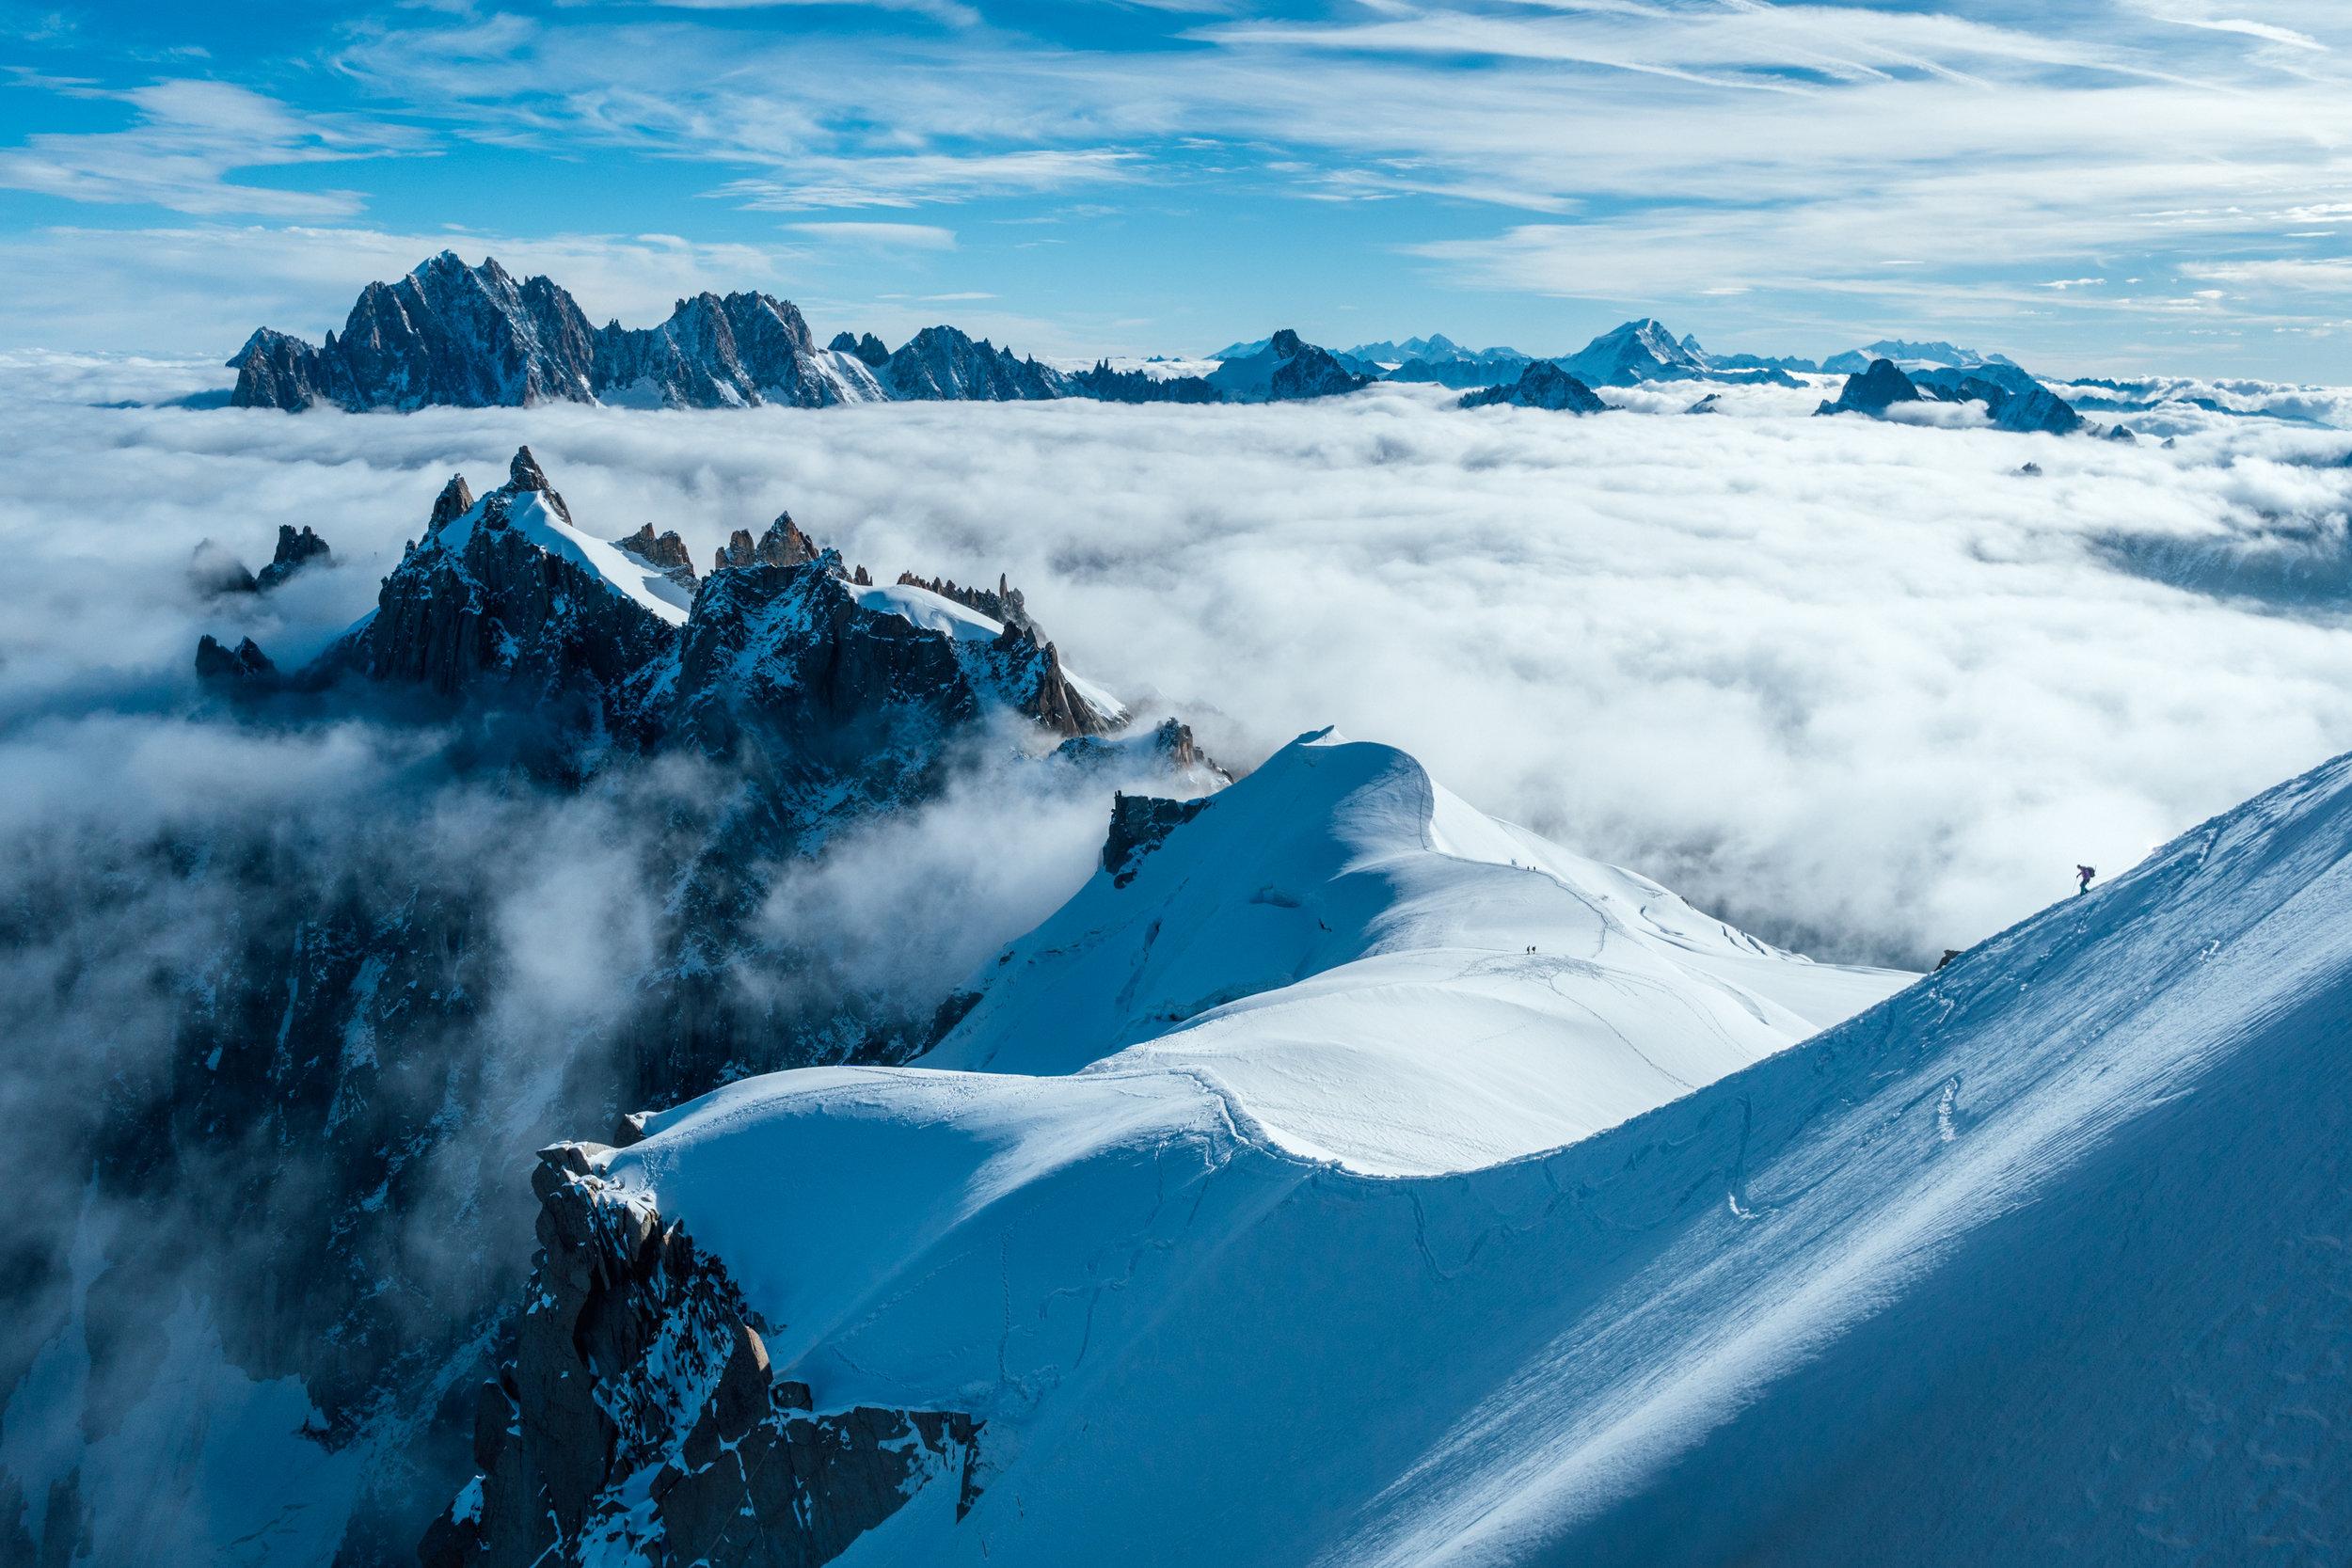 Alps-Fall2016-a6300-18.jpg